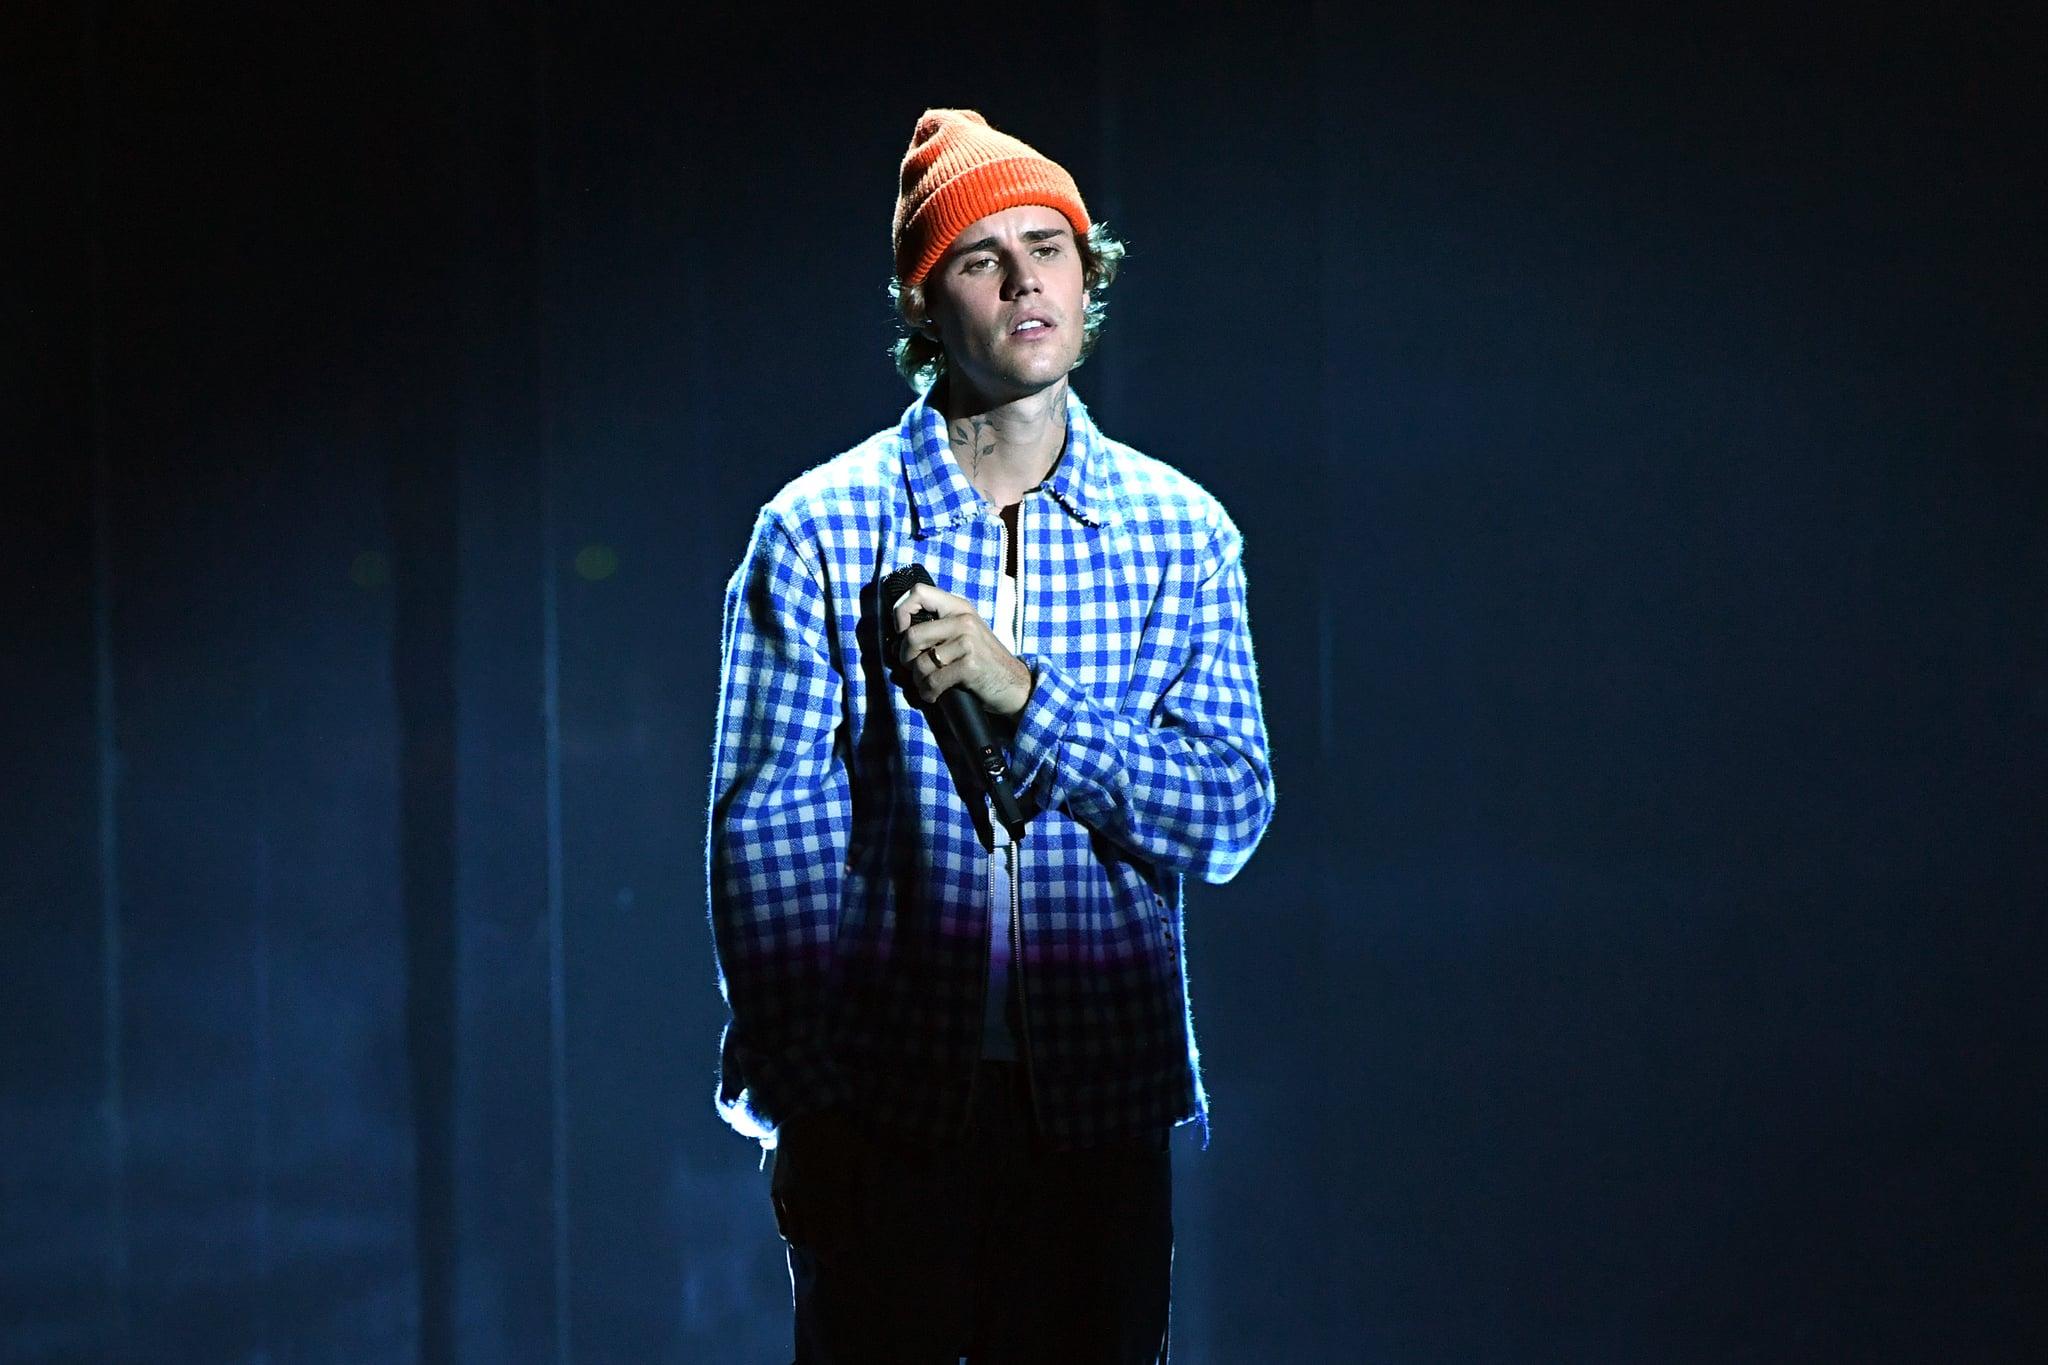 لس آنجلس ، کالیفرنیا - 22 نوامبر: در این تصویر که در 22 نوامبر منتشر شد ، جاستین بیبر در صحنه جوایز موسیقی 2020 آمریکا در تئاتر مایکروسافت در تاریخ 22 نوامبر 2020 در لس آنجلس ، کالیفرنیا اجرا می کند.  (عکس از کوین مازور / AMA2020 / گتی ایماژ برای dcp)